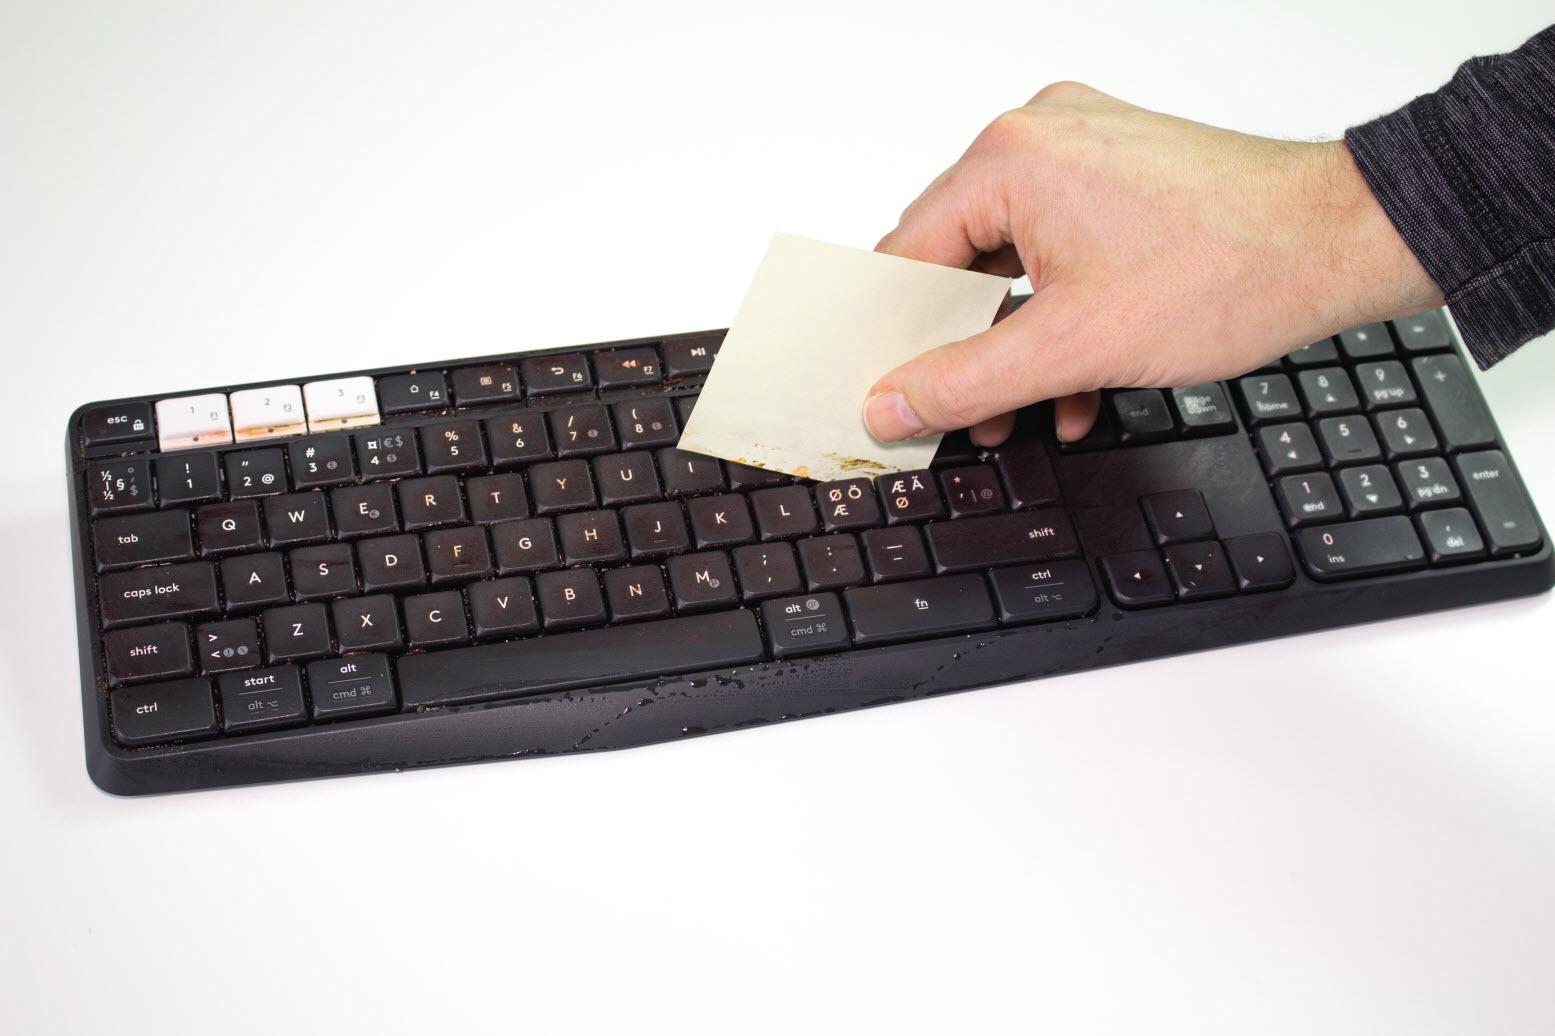 Nya tangentbord for handdatorer